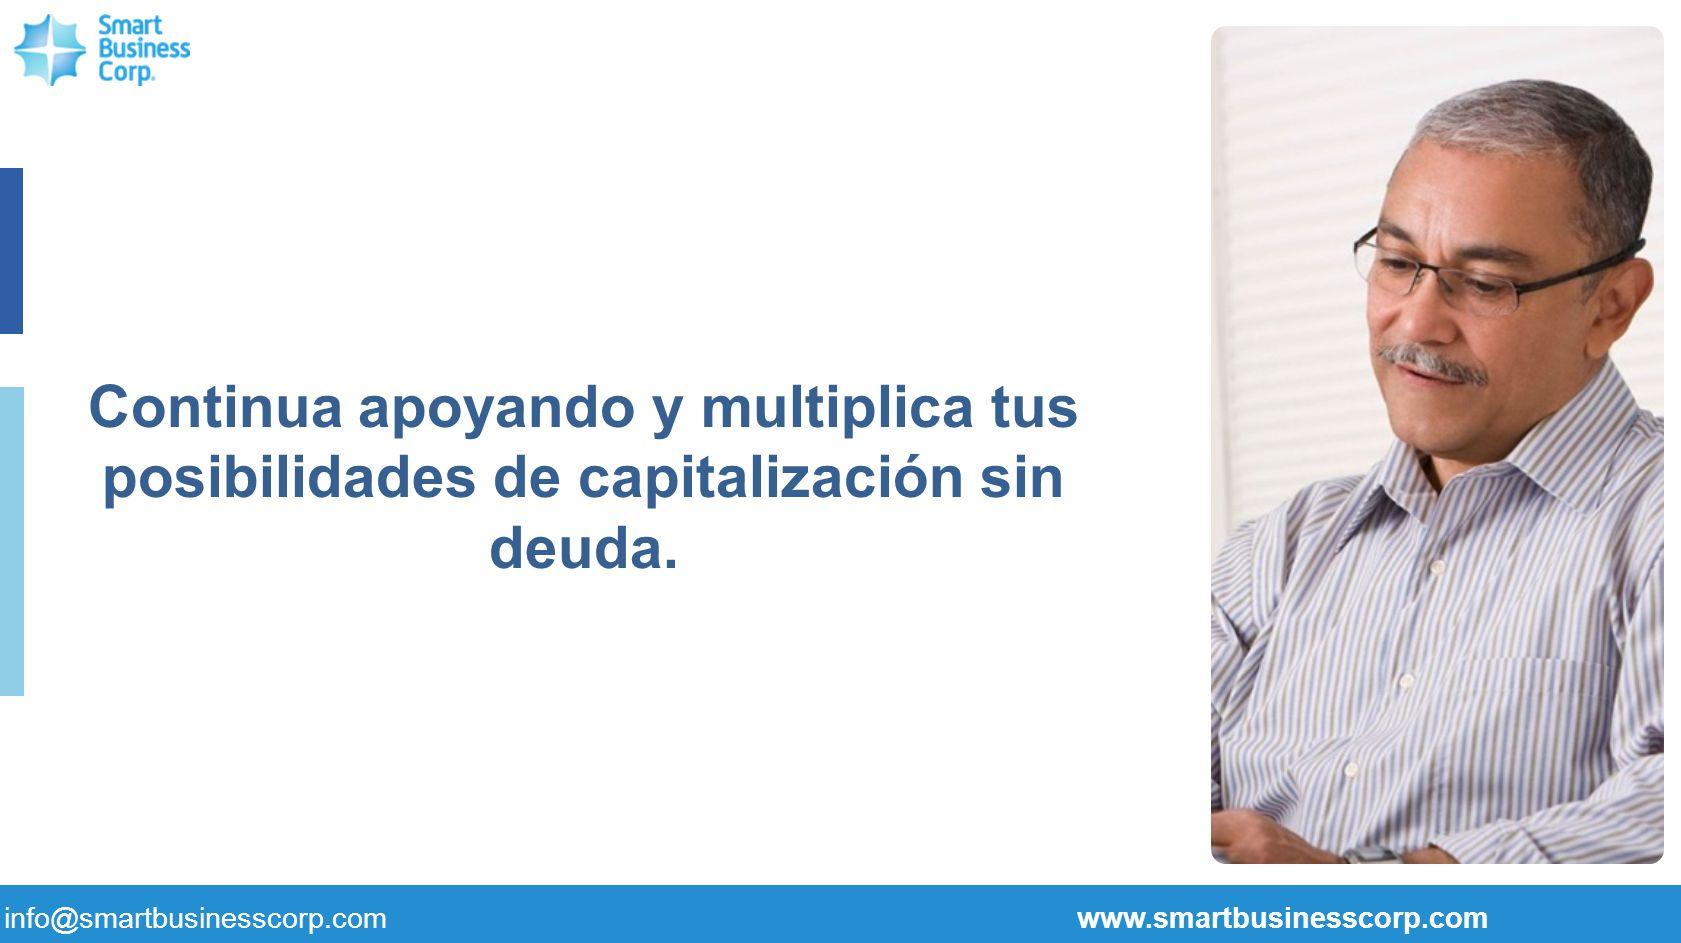 Continua apoyando y multiplica tus posibilidades de capitalización sin deuda. info@smartbusinesscorp.com www.smartbusinesscorp.com